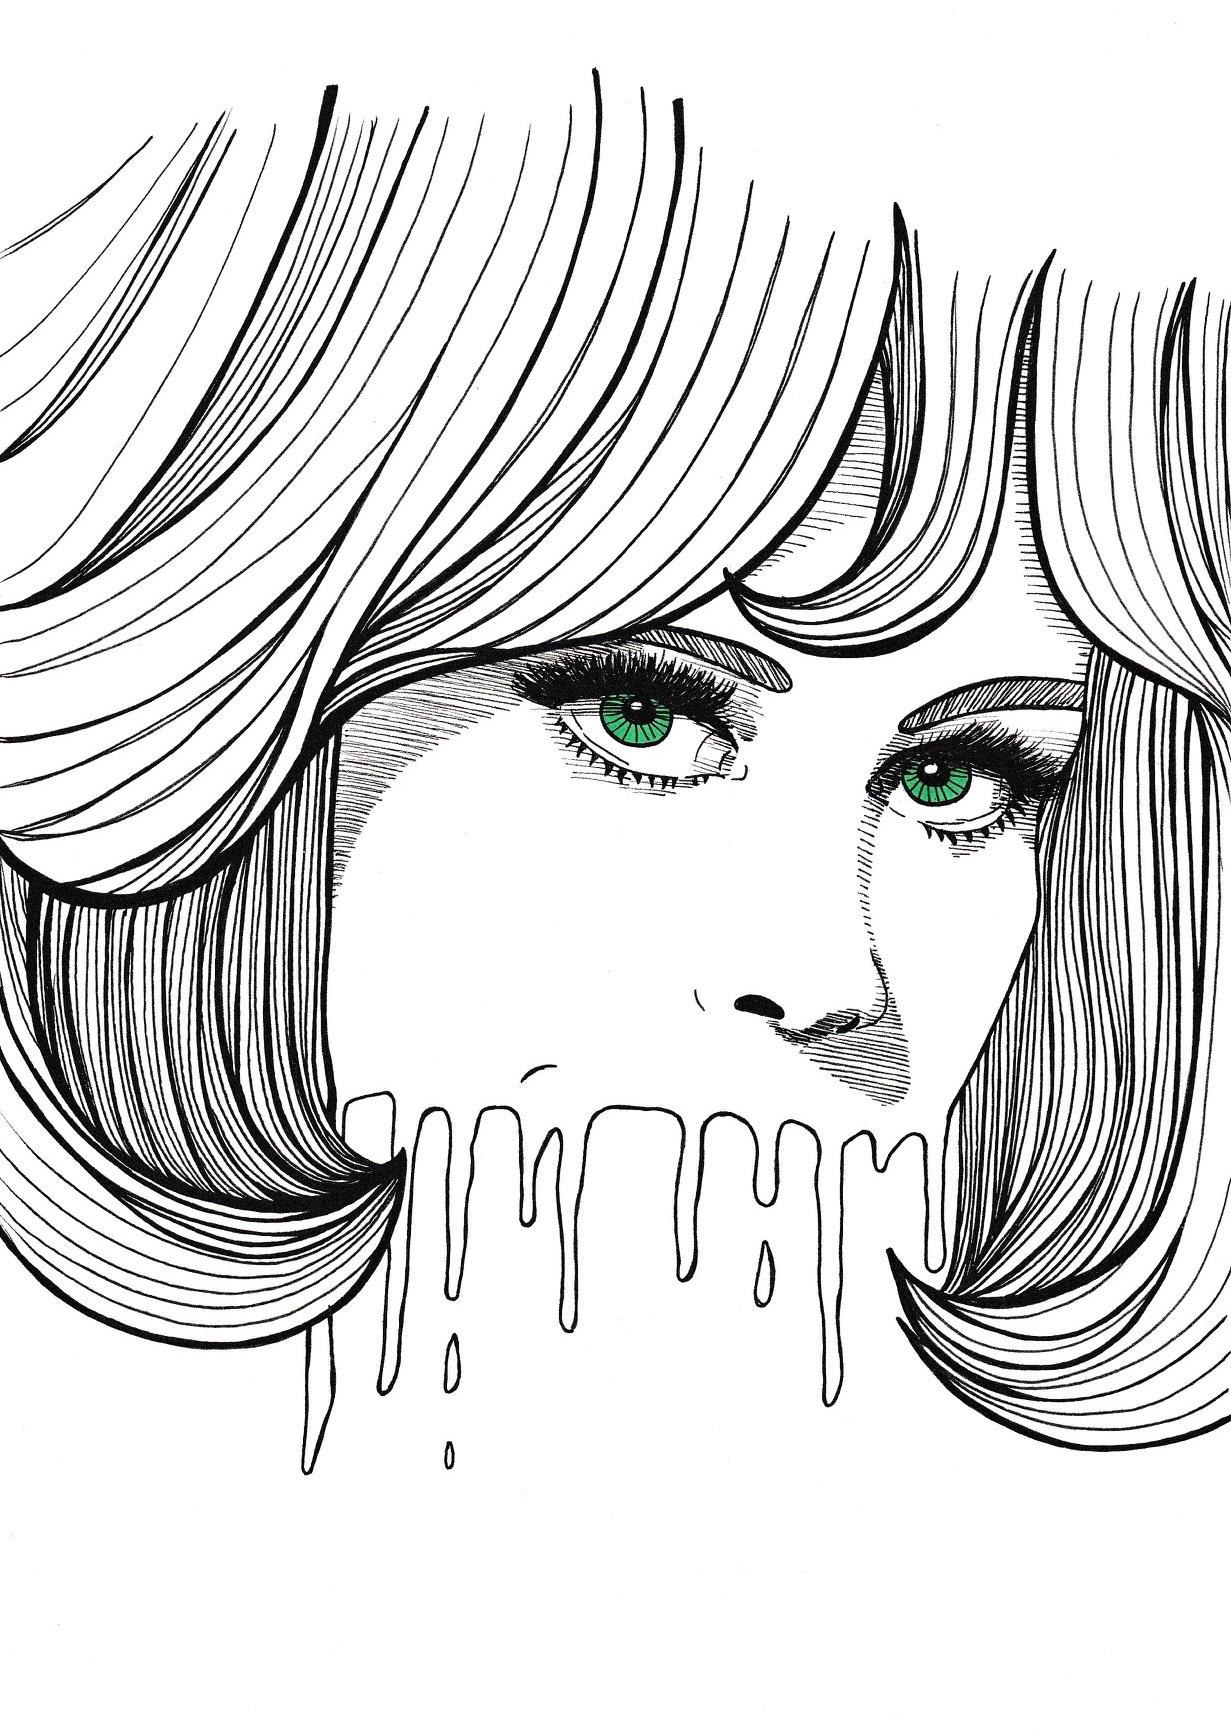 inkttekening portret vrouw diva groene ogen zwart wit